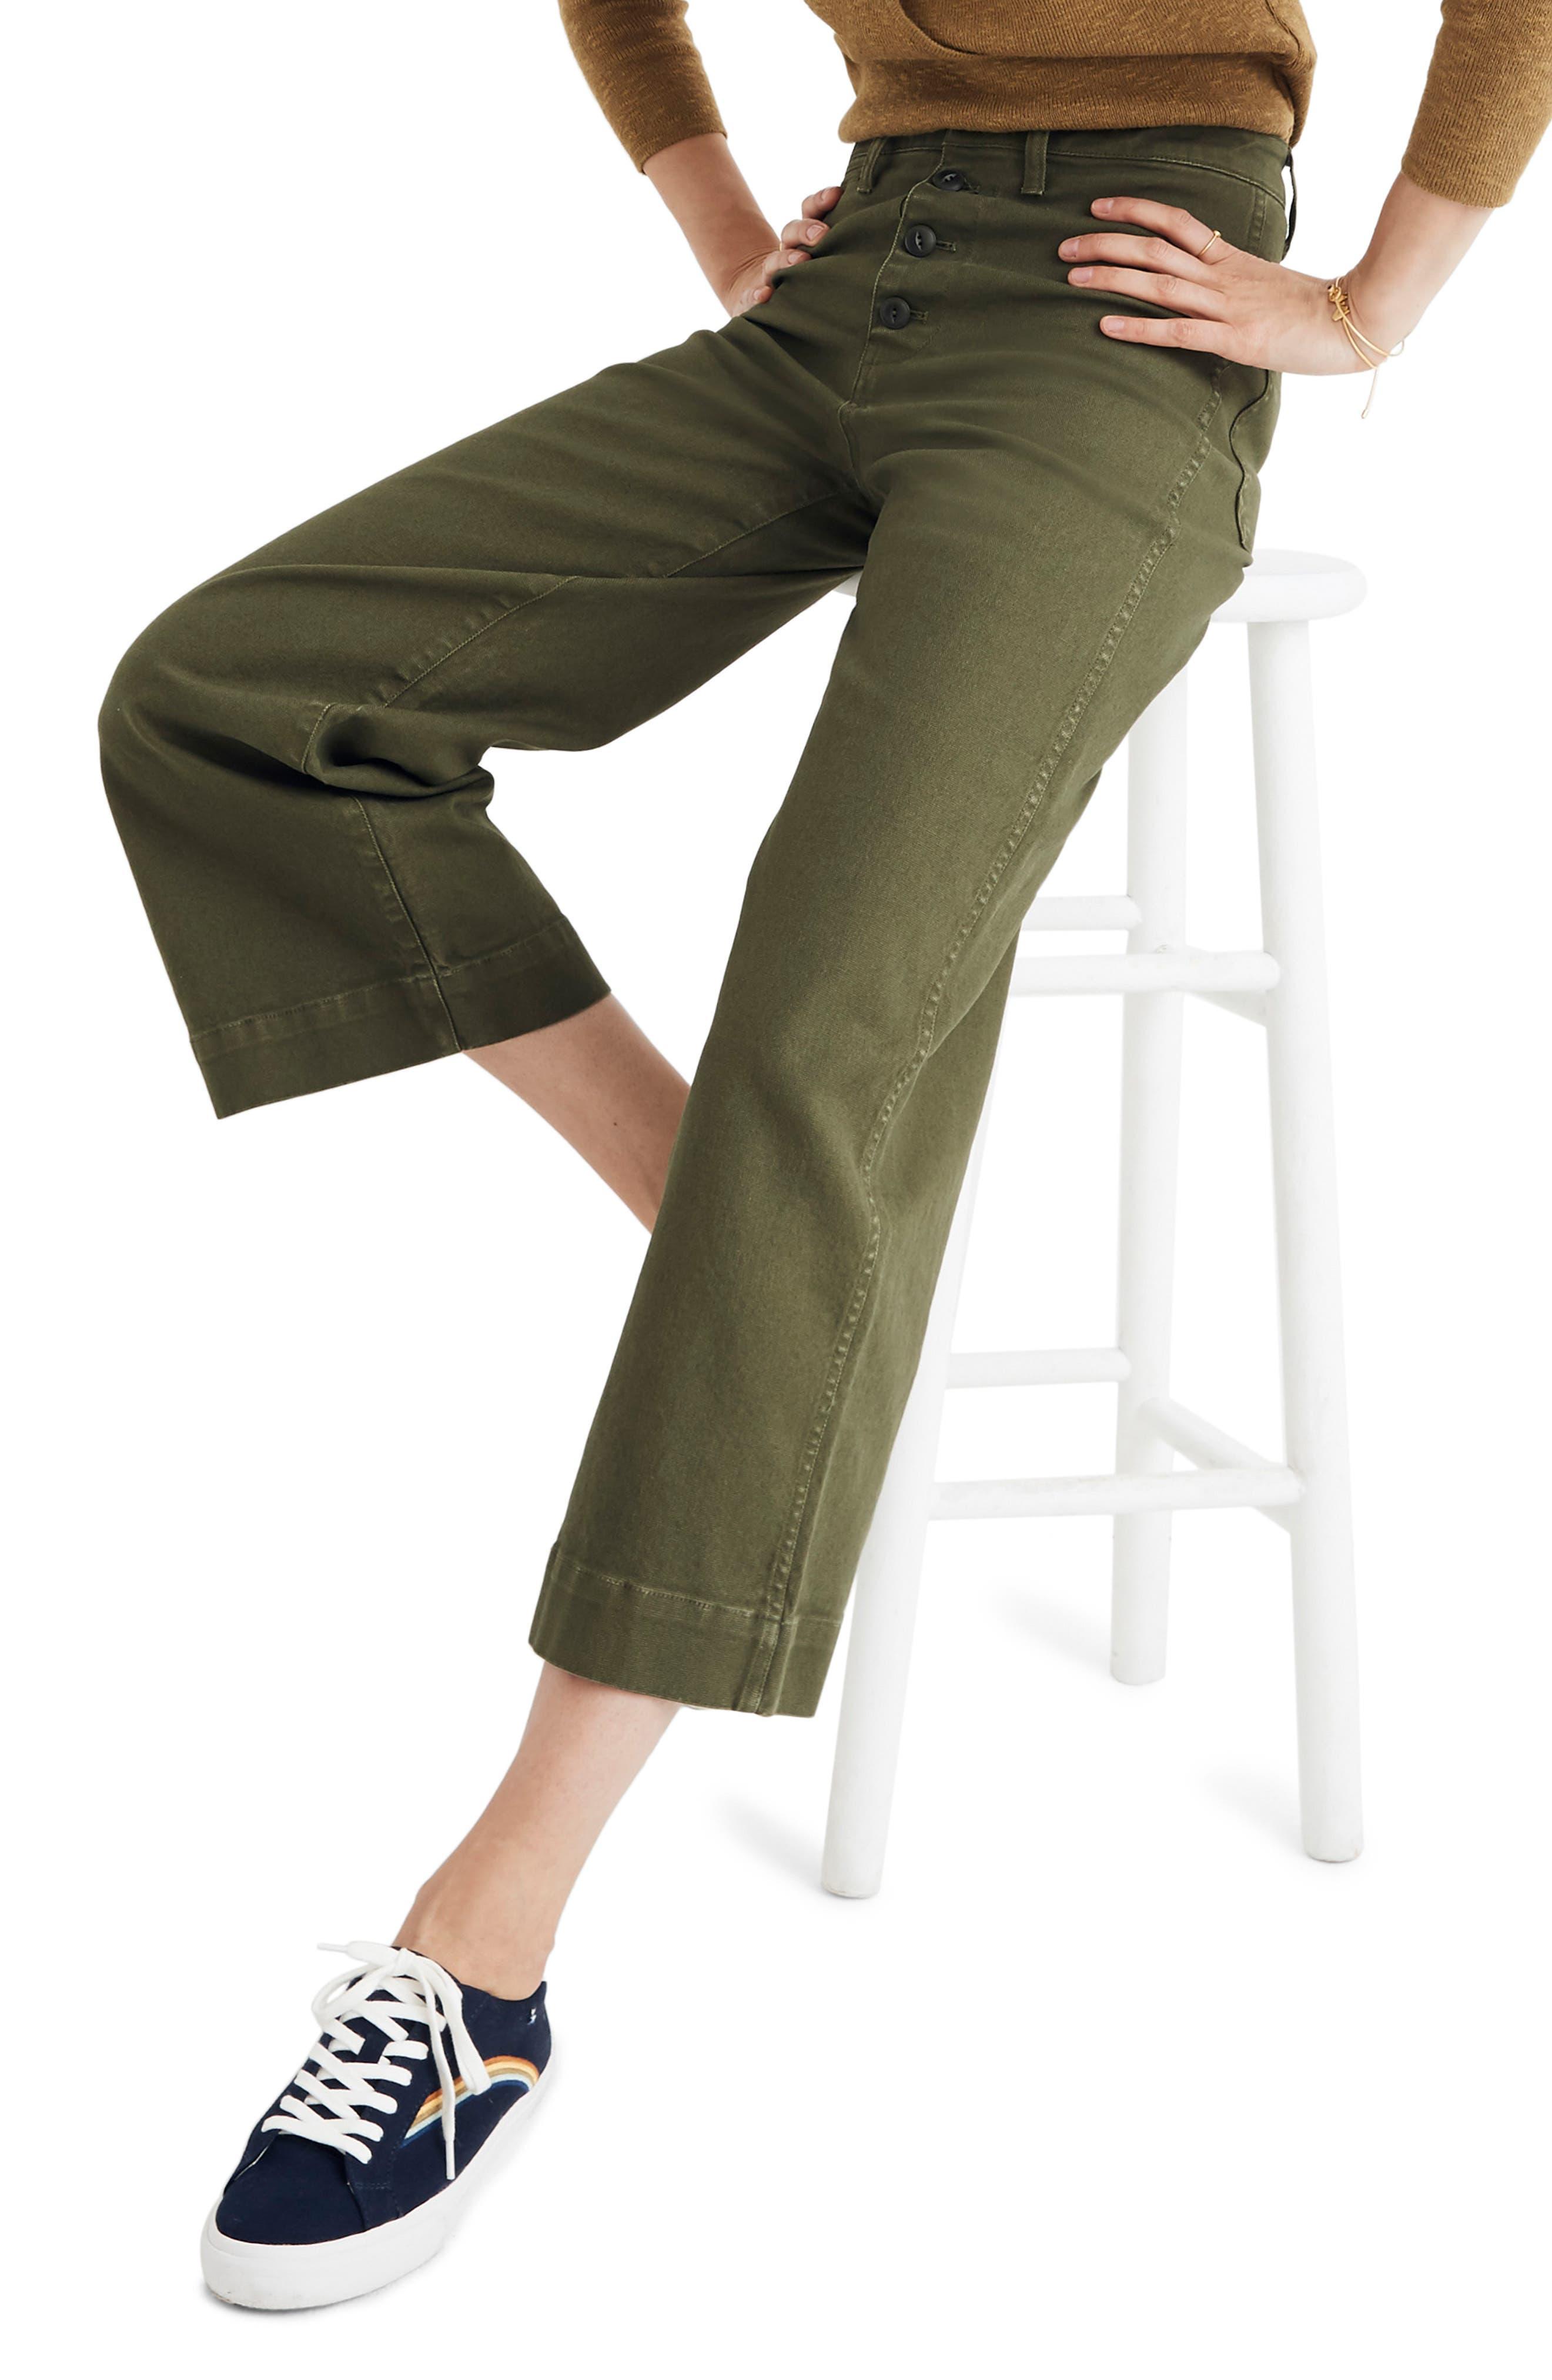 MADEWELL, Emmett Crop Wide Leg Pants, Alternate thumbnail 4, color, LODEN